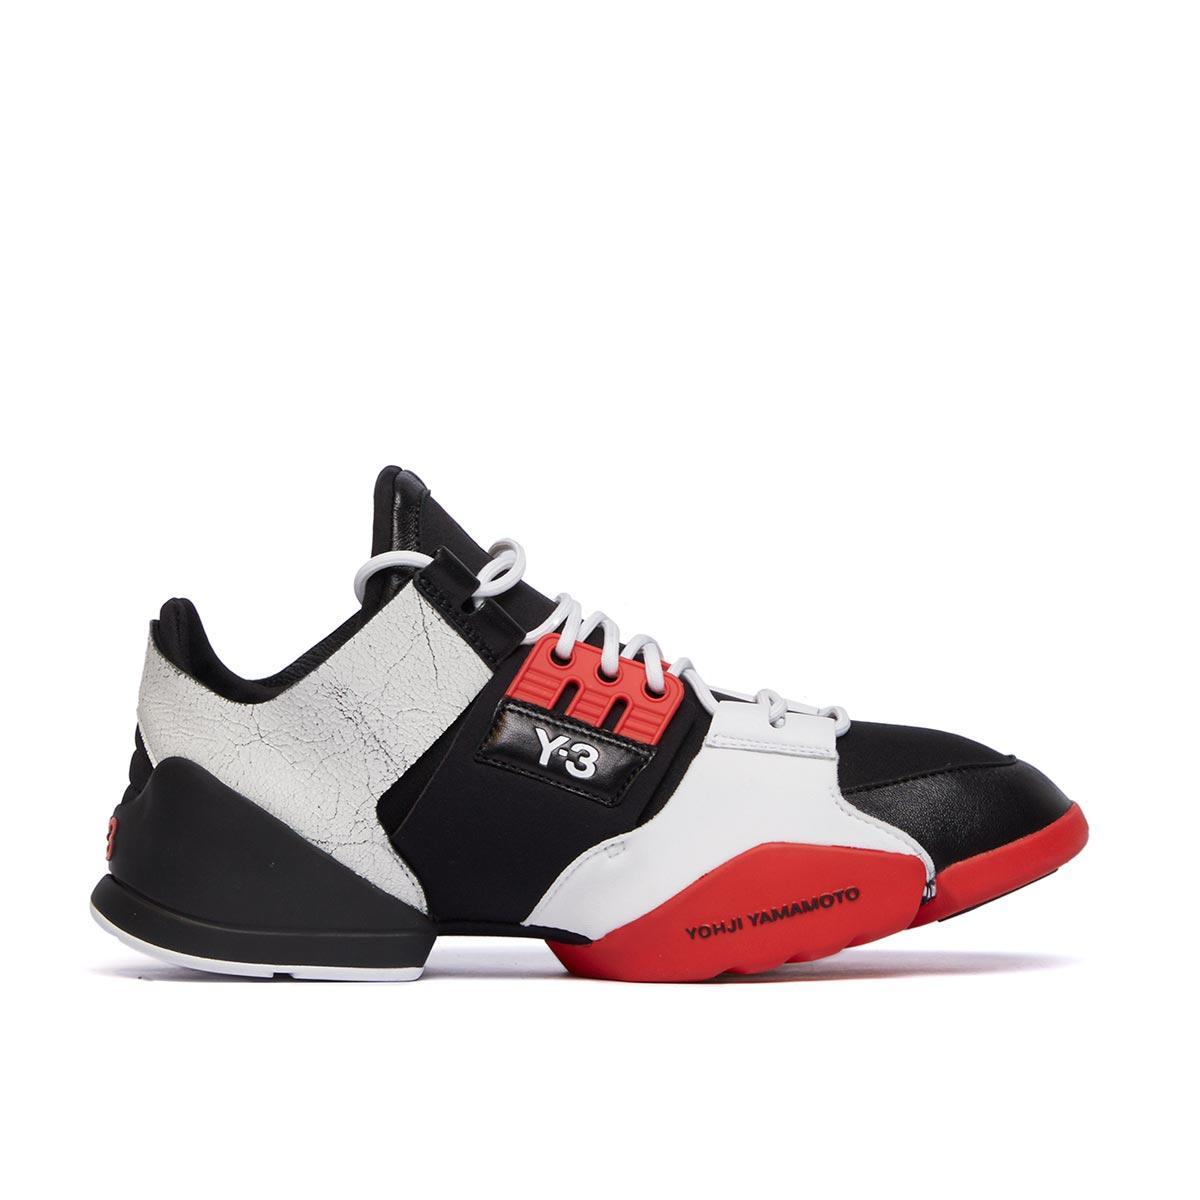 87fdd7079 Lyst - Y-3 Kanja Sneakers in Black for Men